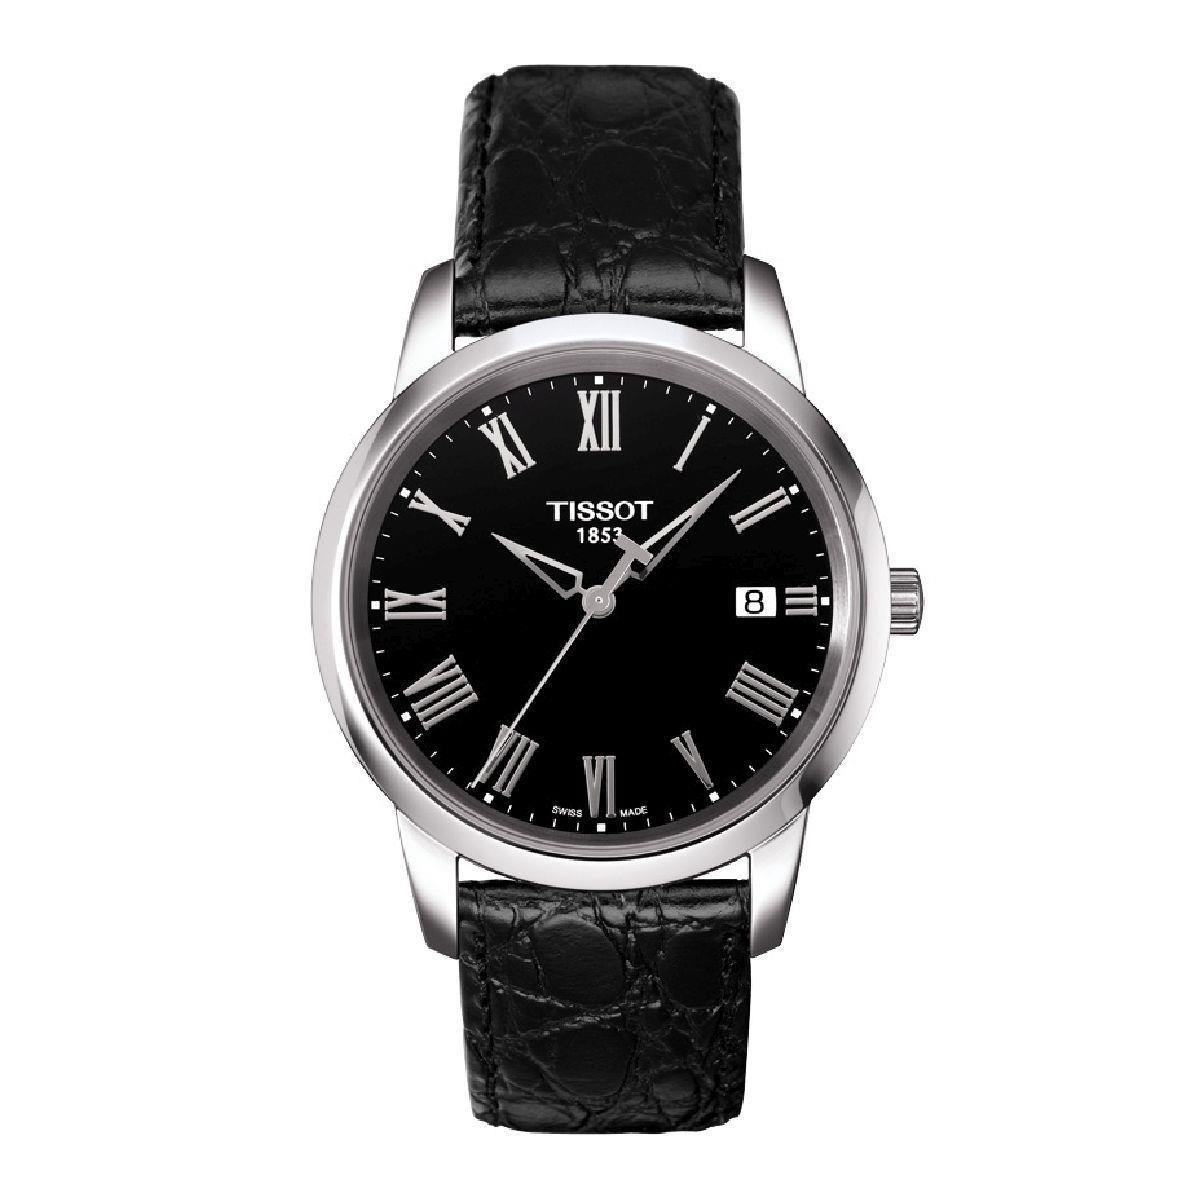 cc8e5ae386d Relógio Masculino Tissot - T033.410.16.053.01 - T033.410.16.053.01 - TISSOT